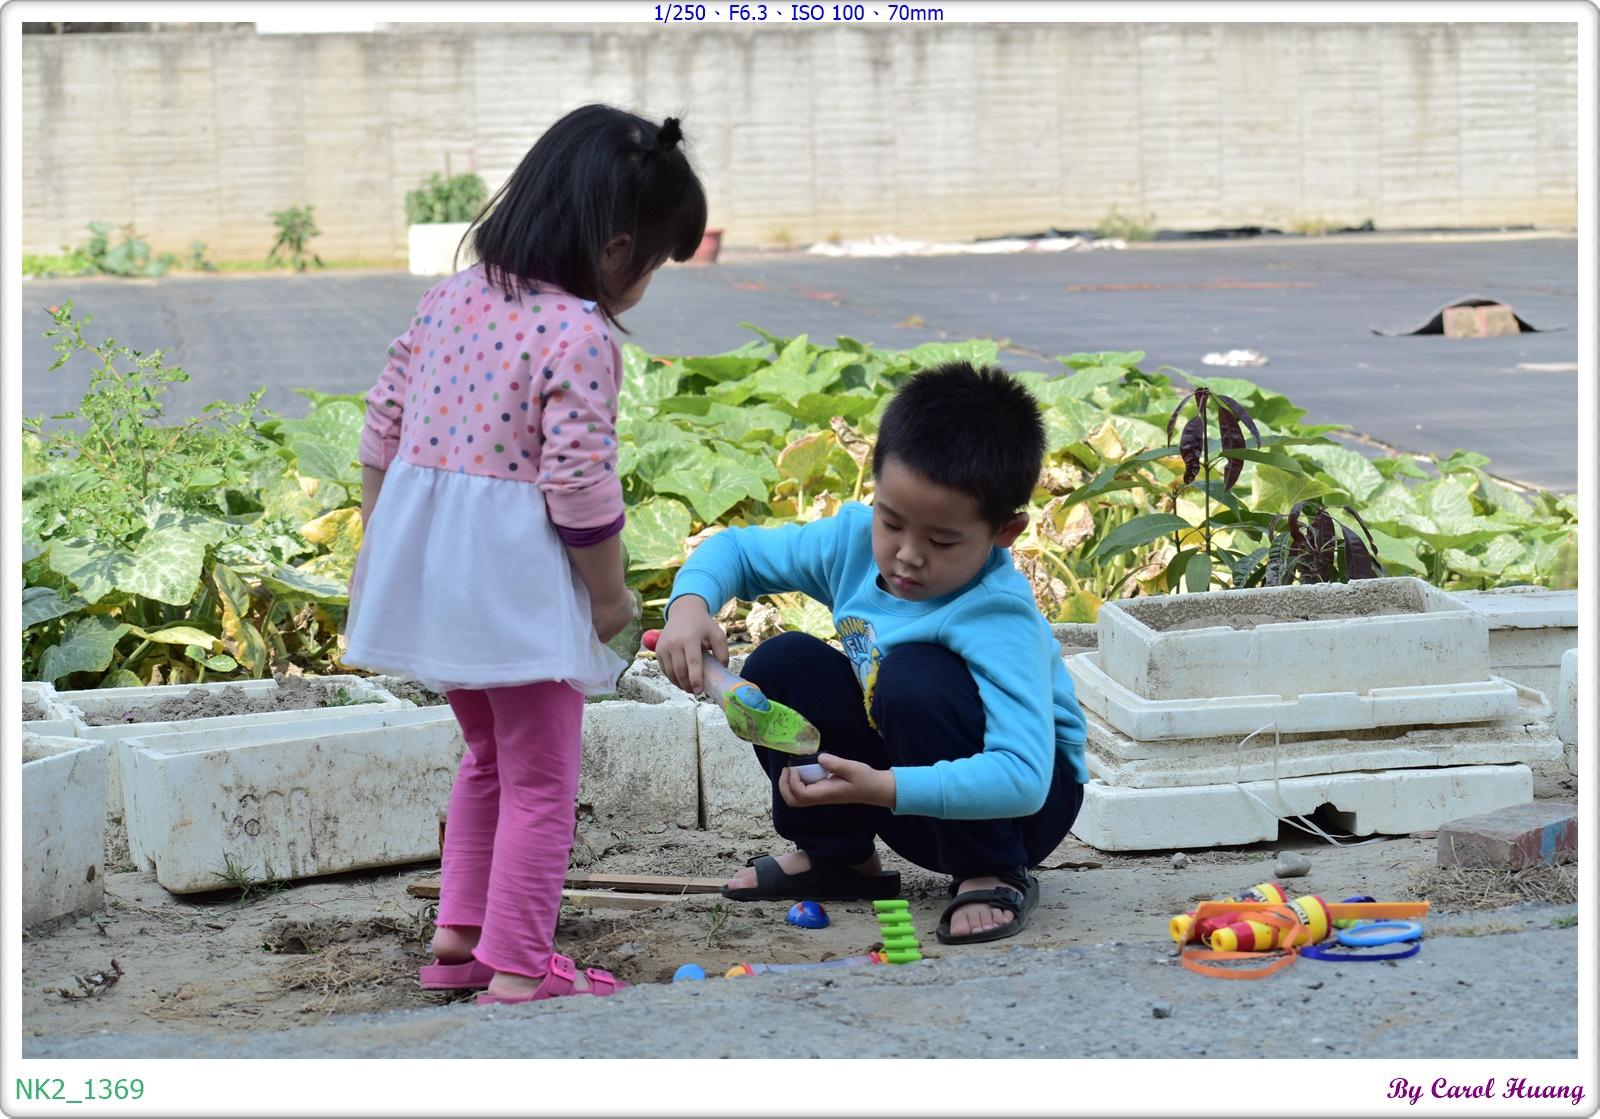 NK2_1369.JPG